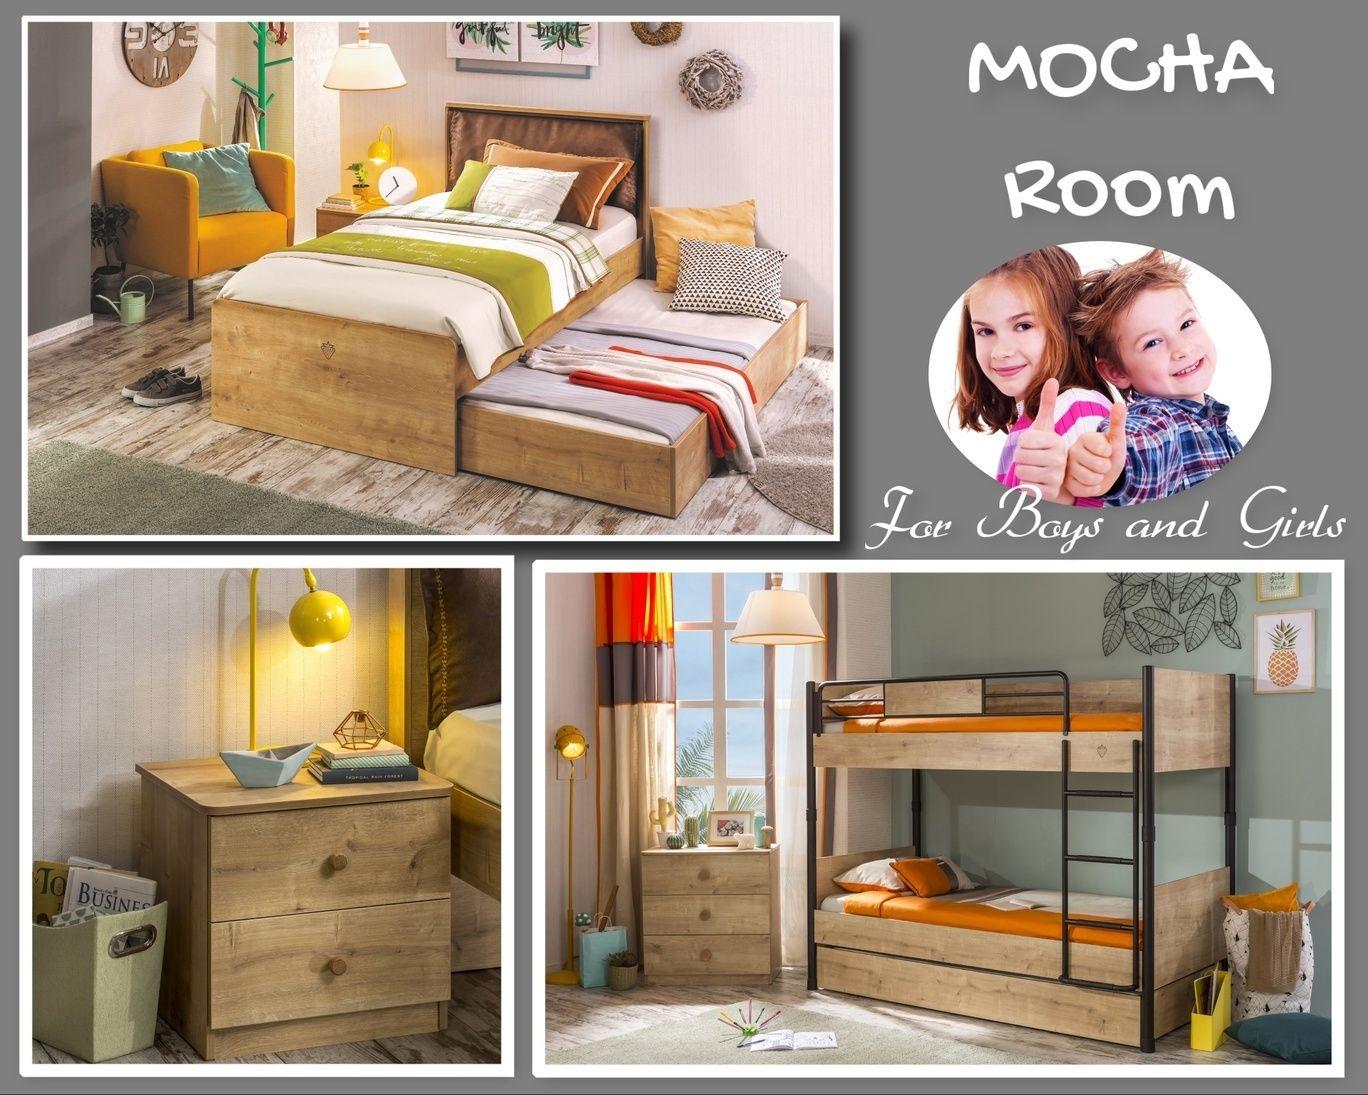 Παιδικό δωμάτιο MOCHA H ολοκαίνουργια μοντέρνα σειρά σε γήινες αποχρώσεις  στο φυσικό χρώμα του ξύλου είναι fdba89bf63f